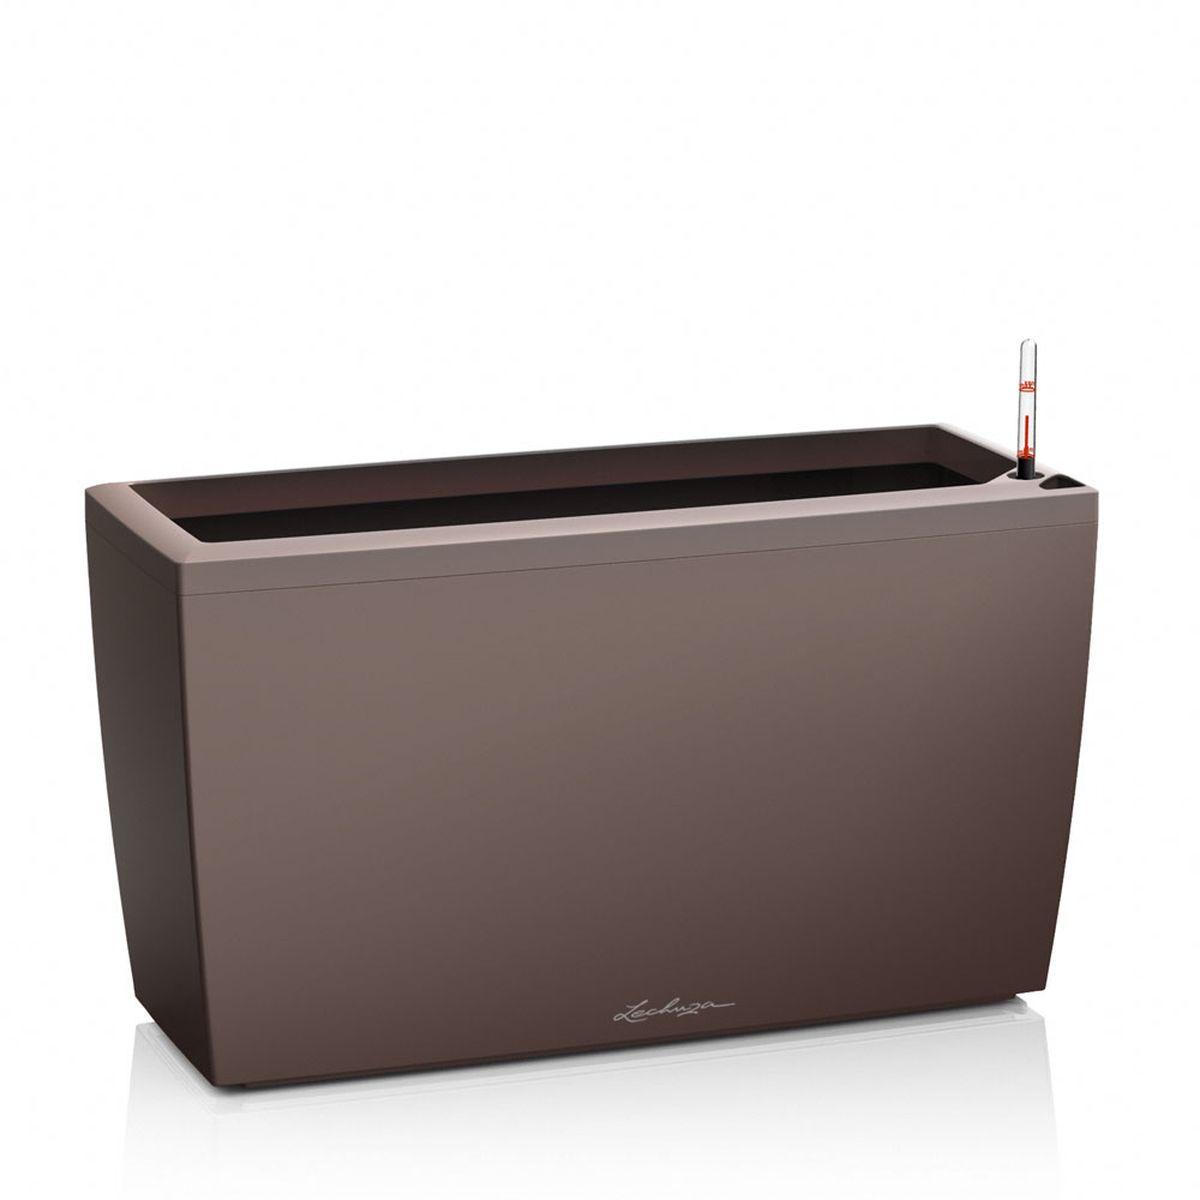 Кашпо Lechuza Cararo, с системой автополива, цвет: темно-коричневый, 75 х 30 х 43 см18827Кашпо Lechuza Cararo, выполненное из высококачественногопластика, имеет уникальную систему автополива, благодарякоторой корневая система растения непрерывно снабжаетсявлагой из резервуара. Уровень воды в резервуареконтролируется с помощью специального индикатора. Взависимости от размера кашпо и растения воды хватаетна 2-12 недель. Это способствует хорошему росту цветов ипредотвращает переувлажнение. Кашпо Lechuza Cararo прекрасно впишется в интерьербольших холлов, террас ресторанов и уютных гостиных.Изделие поможет расставить нужные акценты и придастпомещению вид, соответствующий вашим представлениям.В комплекте поставляется 2 ролика, благодаря которымизделие становится мобильным в любом направлении. Кашпо Lechuza Cararo идеально подойдет для посадкивысоких растений с густыми листьями.